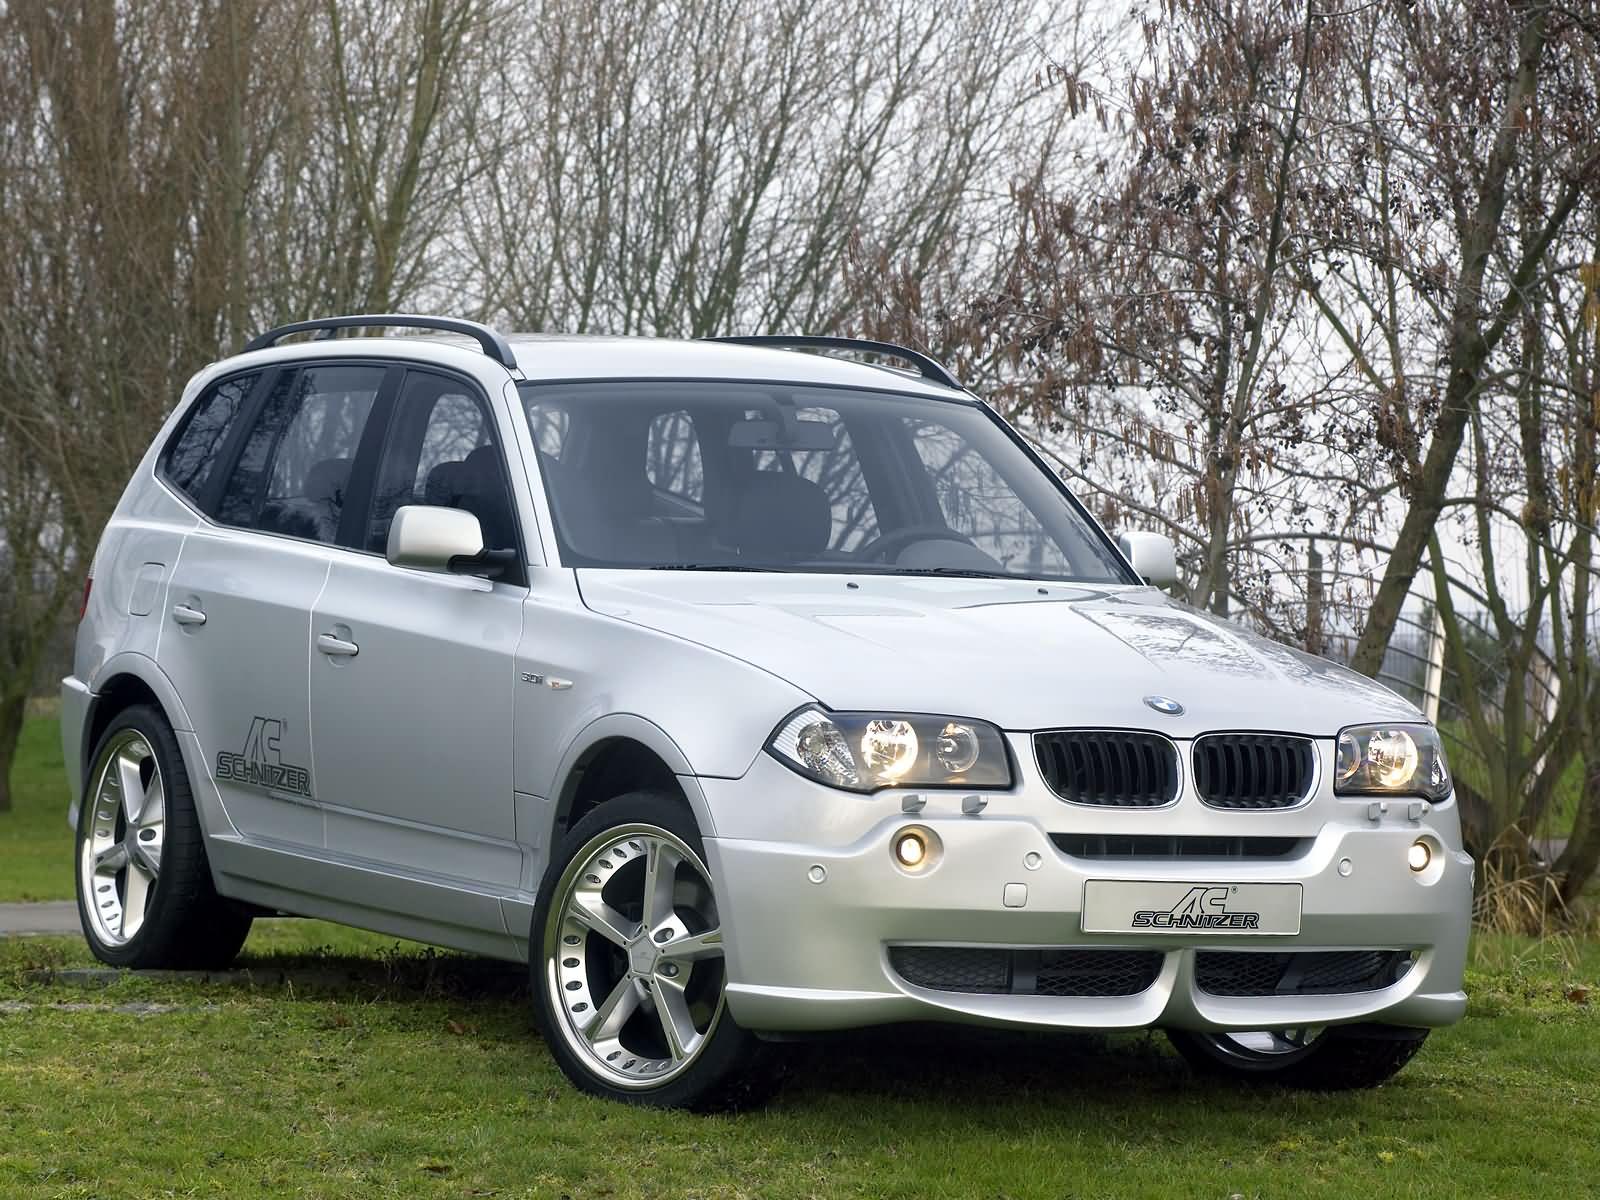 ac schnitzer bmw x3 acs3 2004 ac schnitzer bmw x3 acs3 2004 photo 04 car in pictures car. Black Bedroom Furniture Sets. Home Design Ideas